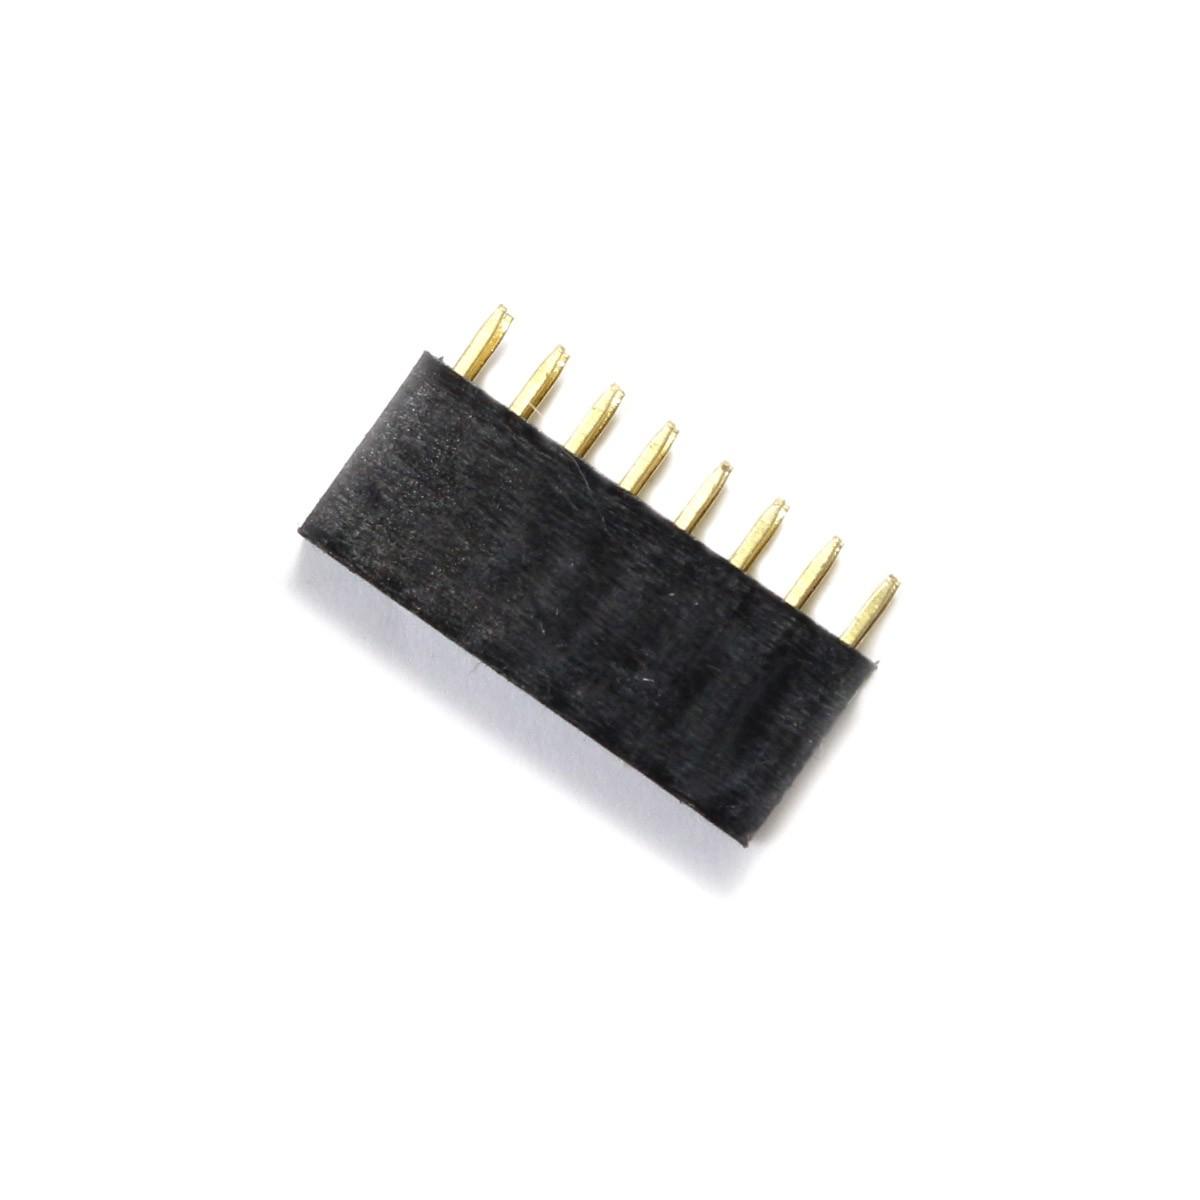 Connecteur Barrette 2.54mm Mâle / Femelle 2x8 Pôles 3mm (Unité)